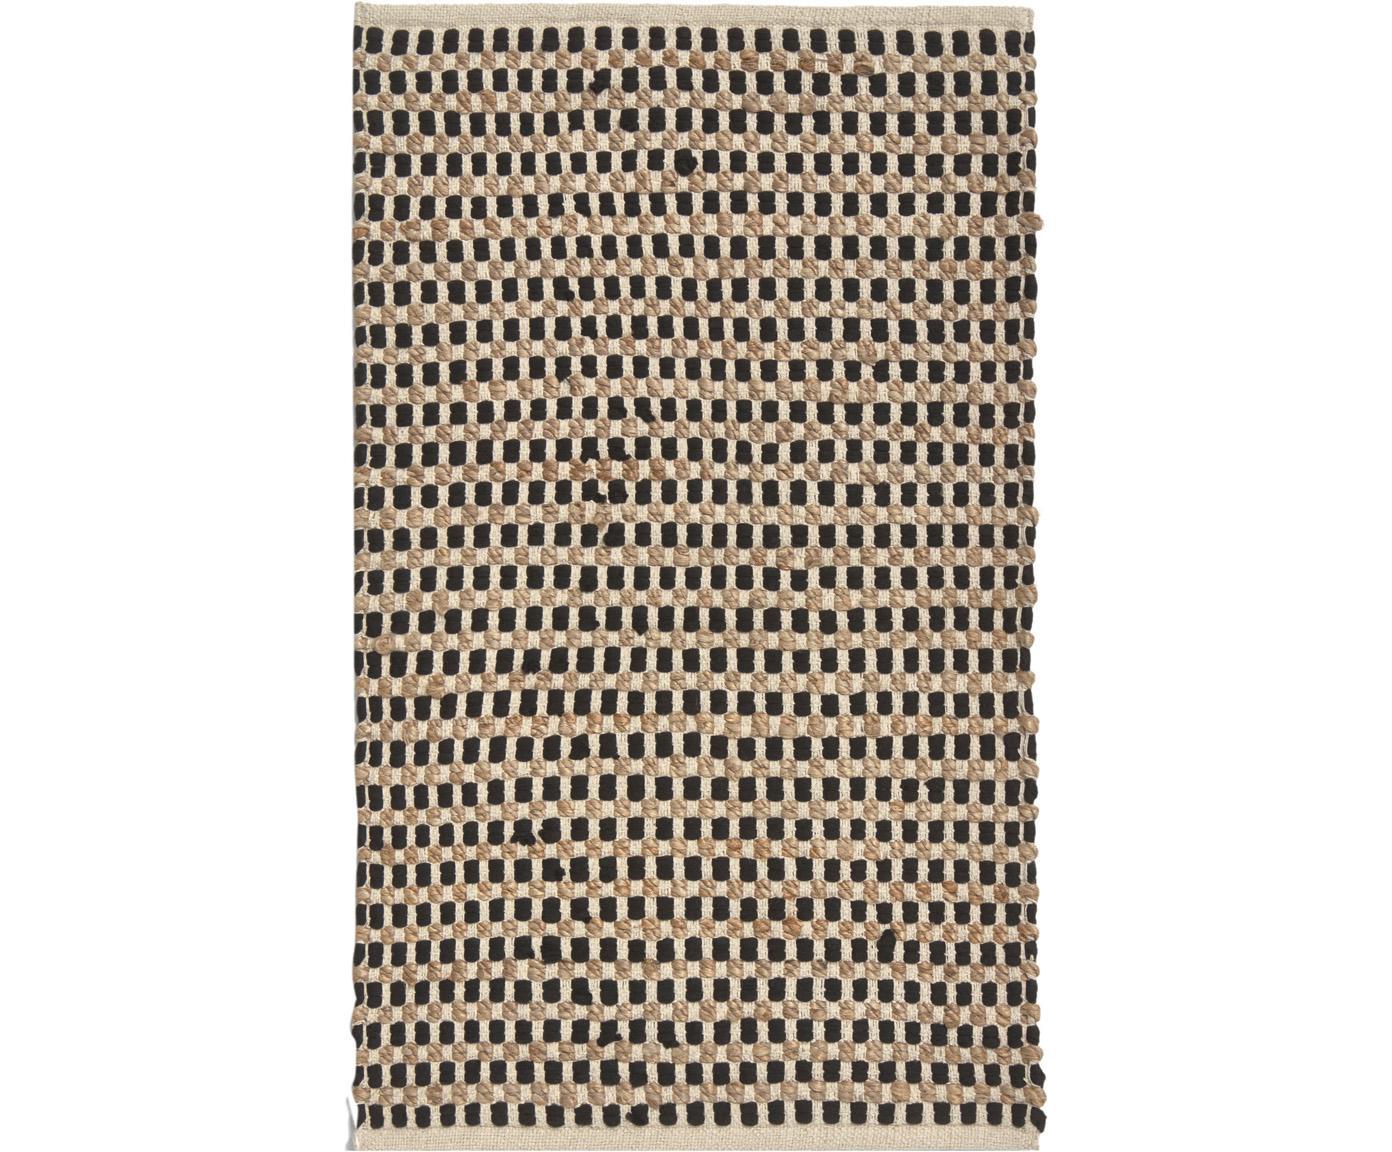 Tappeto in cotone/juta Fiesta, 55% cotone chindi, 45% juta, Nero, beige, Larg. 60 x Lung. 90 cm (taglia XXS)